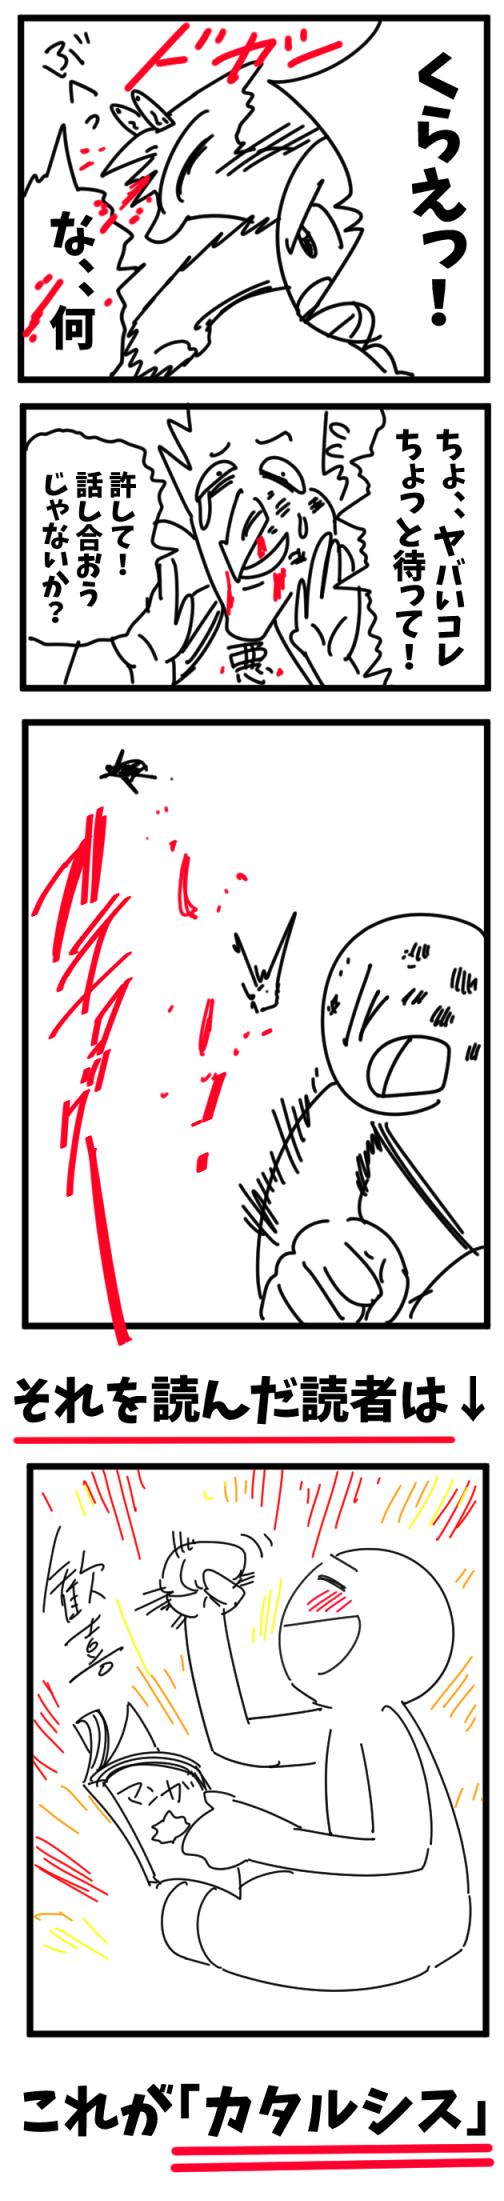 カタルシスの意味 絵の用語 漫画